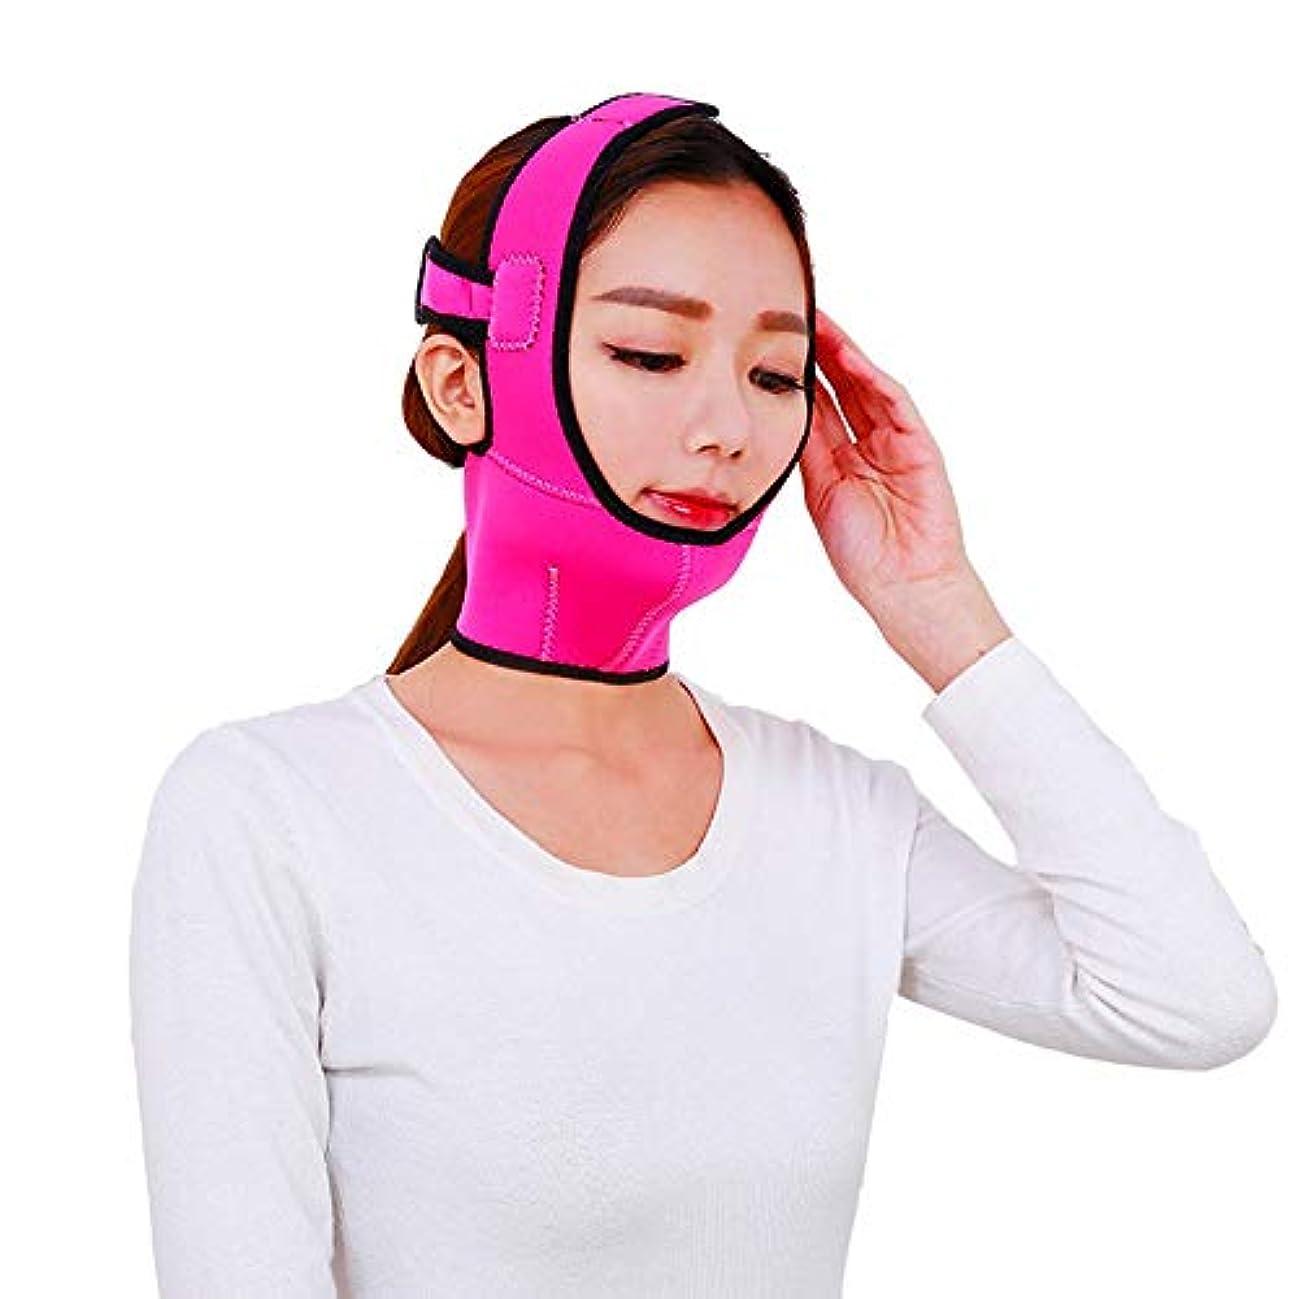 不健康衣類インフラフェイスリフトベルト 顔を持ち上げるベルト通気性の顔面リフティング包帯ダブルチン顔面リフティングマスクを締めるV顔面顔面リフレッシングツール